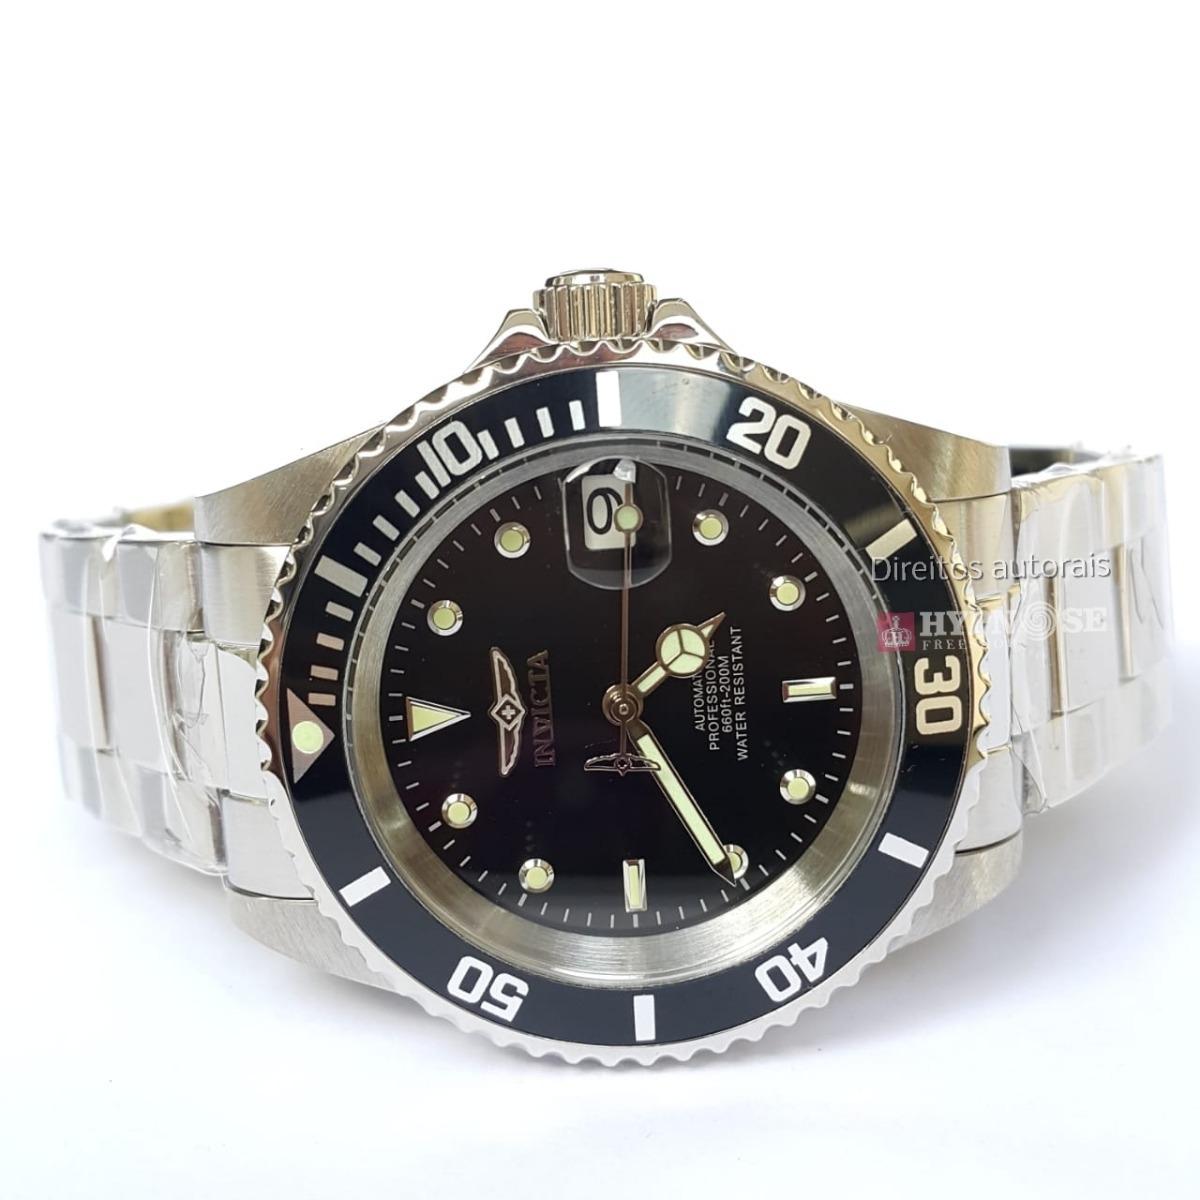 95061c5a440 Relógio Invicta Pro Diver Mod. 8926ob Original Prata C preto - R ...